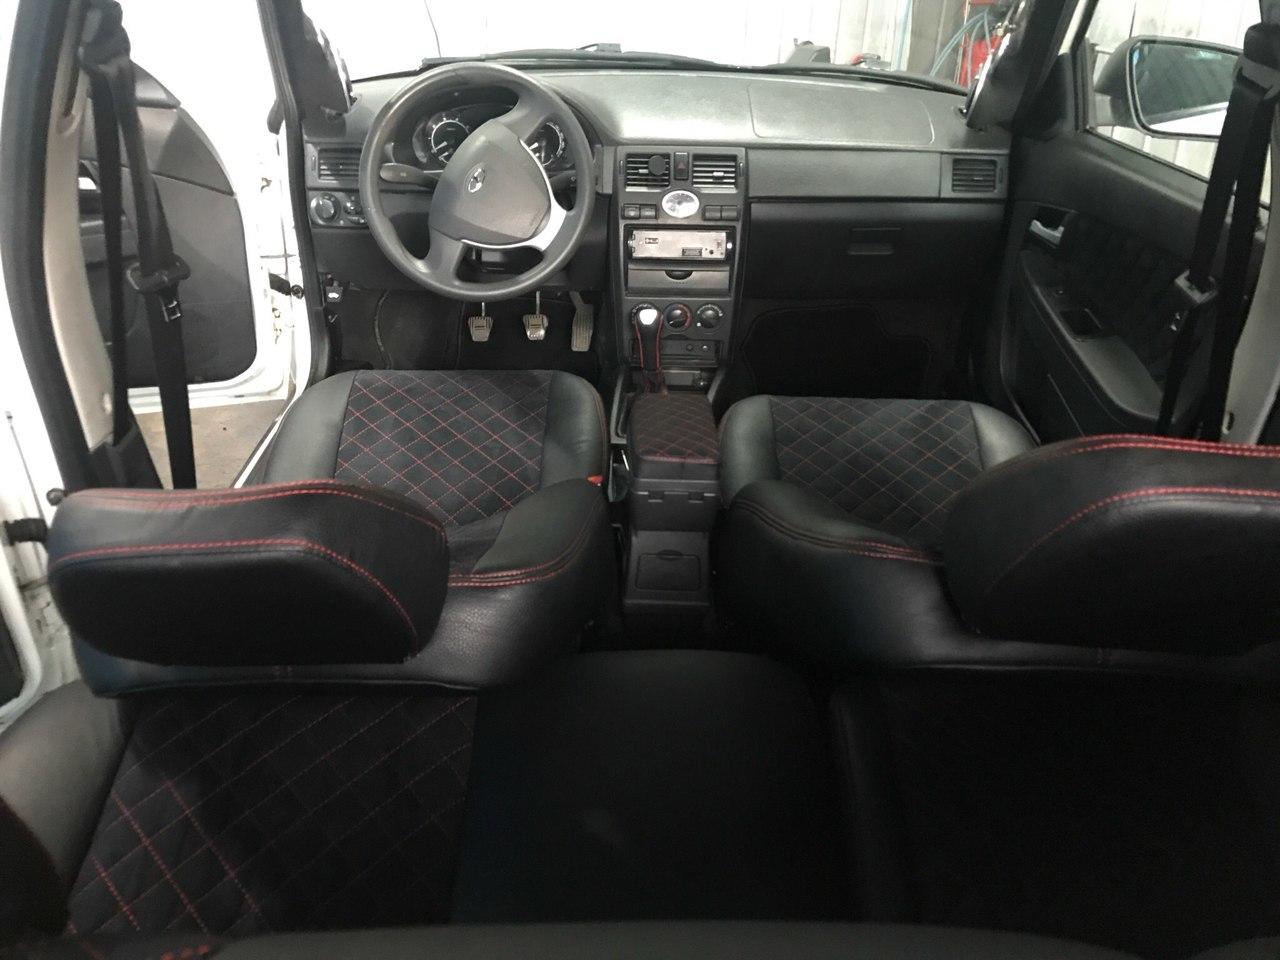 Обивки сидений на ВАЗ из экокожи + алькантара, прошитая ромбом или квадратиком